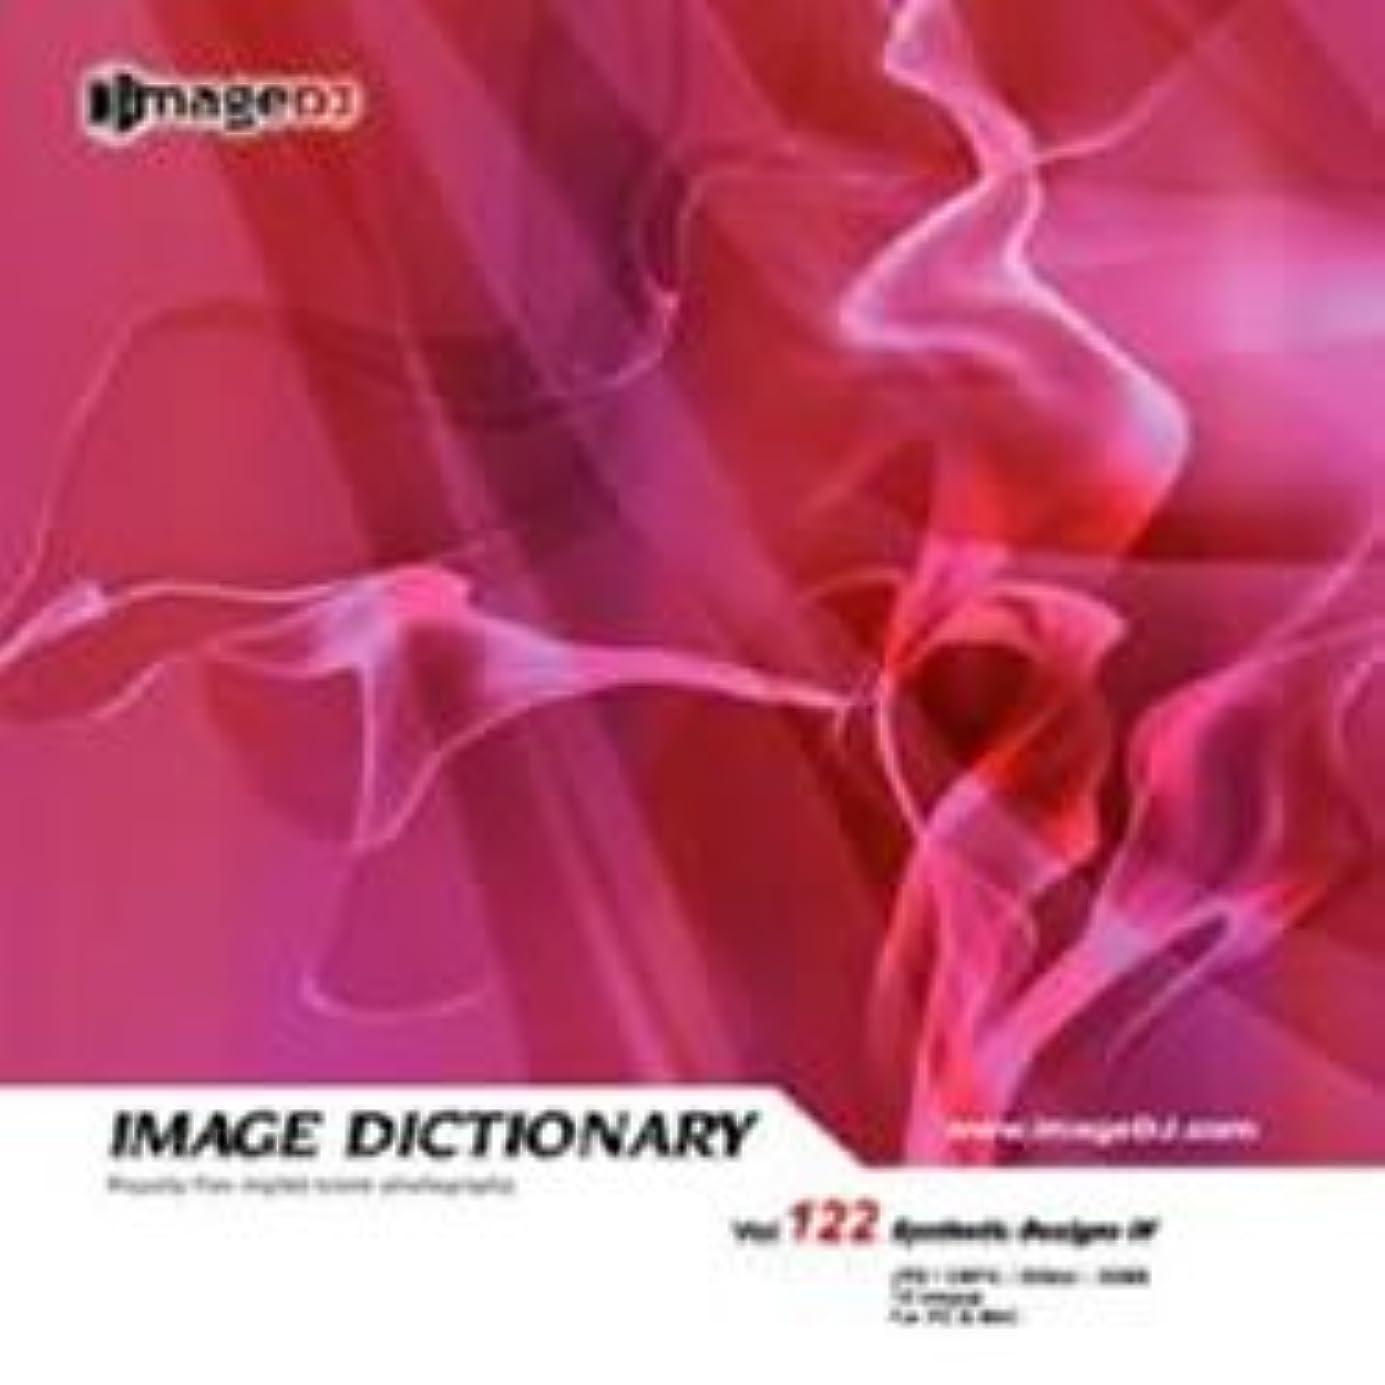 大臣感謝する日付付きイメージ ディクショナリー Vol.122 合成図案(3)